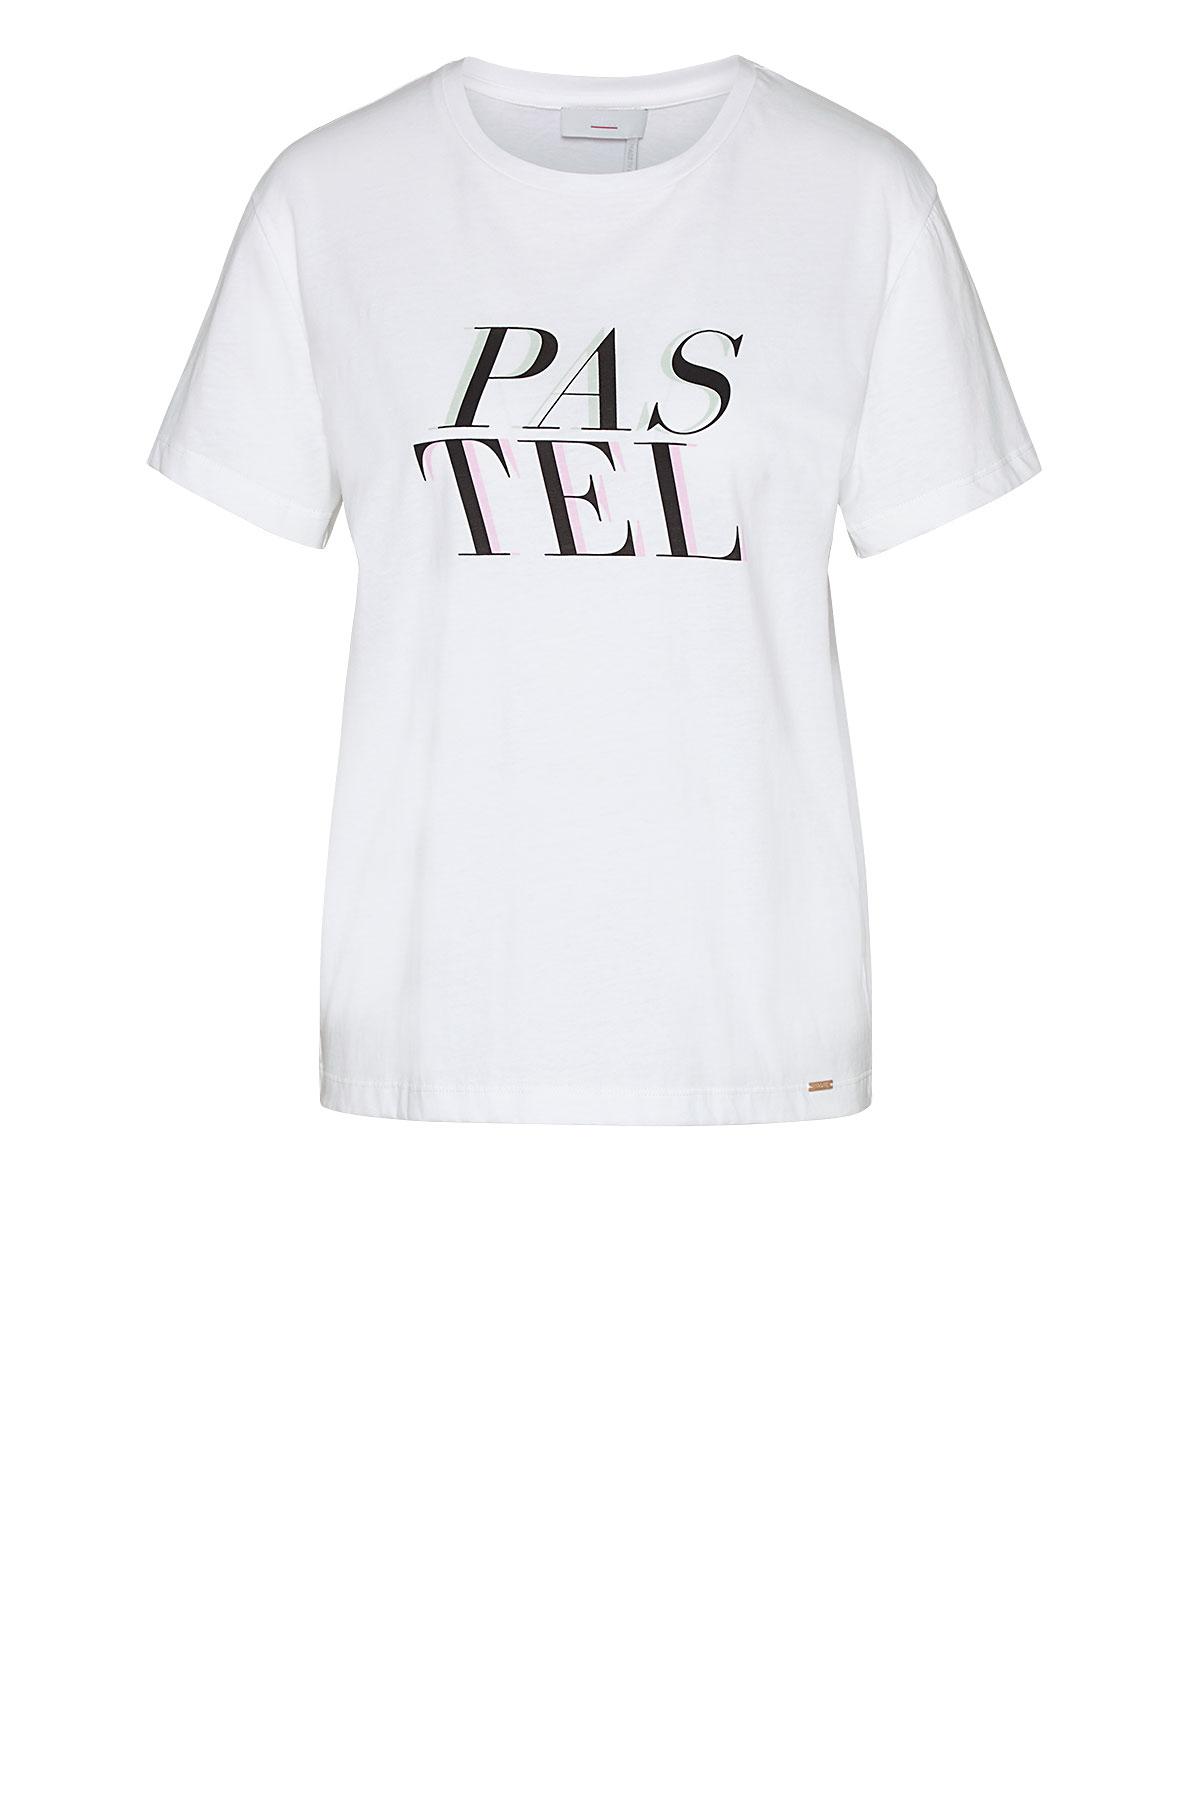 Cinque kurzarm Shirt aus Baumwolle mit Aufdruck weiß